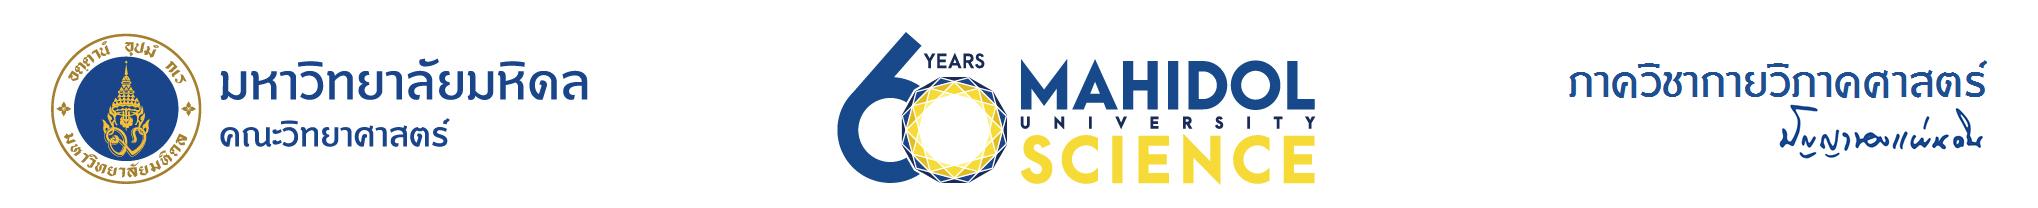 ภาควิชากายวิภาคศาสตร์ คณะวิทยาศาสตร์ มหาวิทยาลัยมหิดล Department of Anatomy, Faculty of Science, Mahidol University. #Anatomy Mahidol #Anatomy MUSC